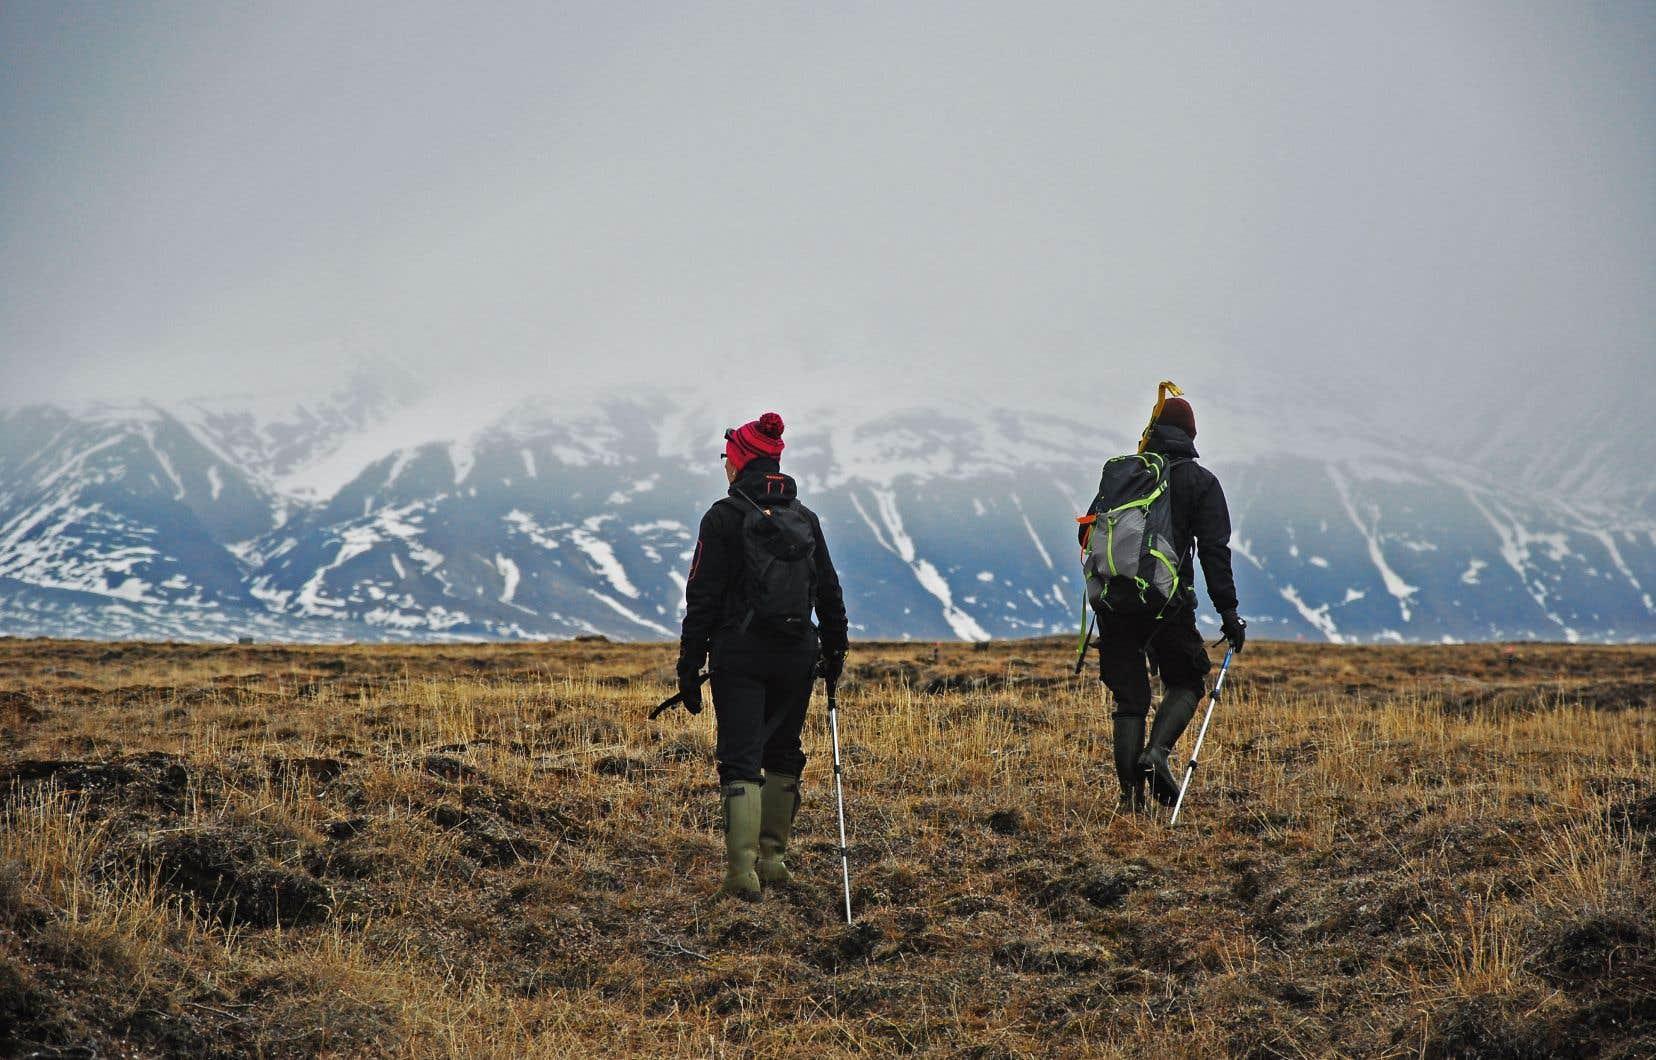 L'équipe qui étudie les plectrophanes en sortie dans la vallée du camp 1 sur l'île Bylot, à la recherche de nids.